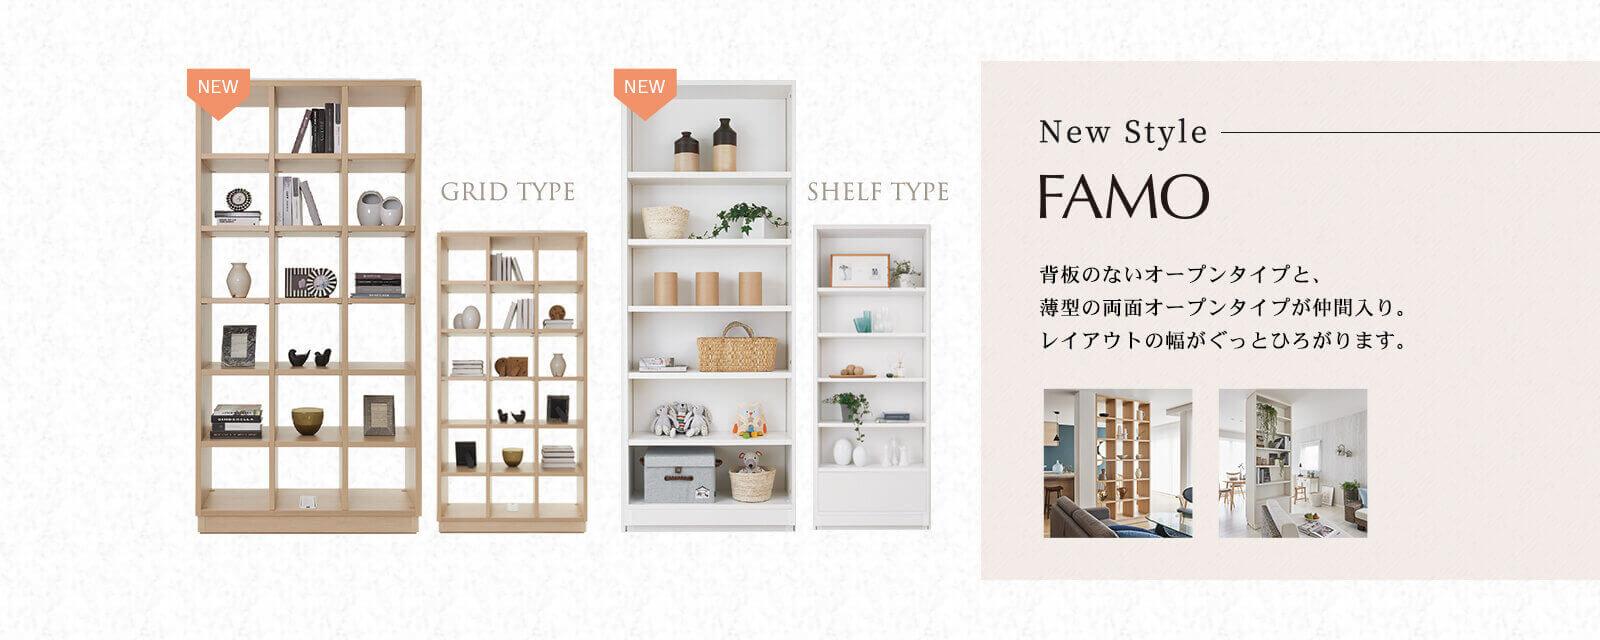 NEW STYPE FAMO 新しいタイプのファーモ、新登場!